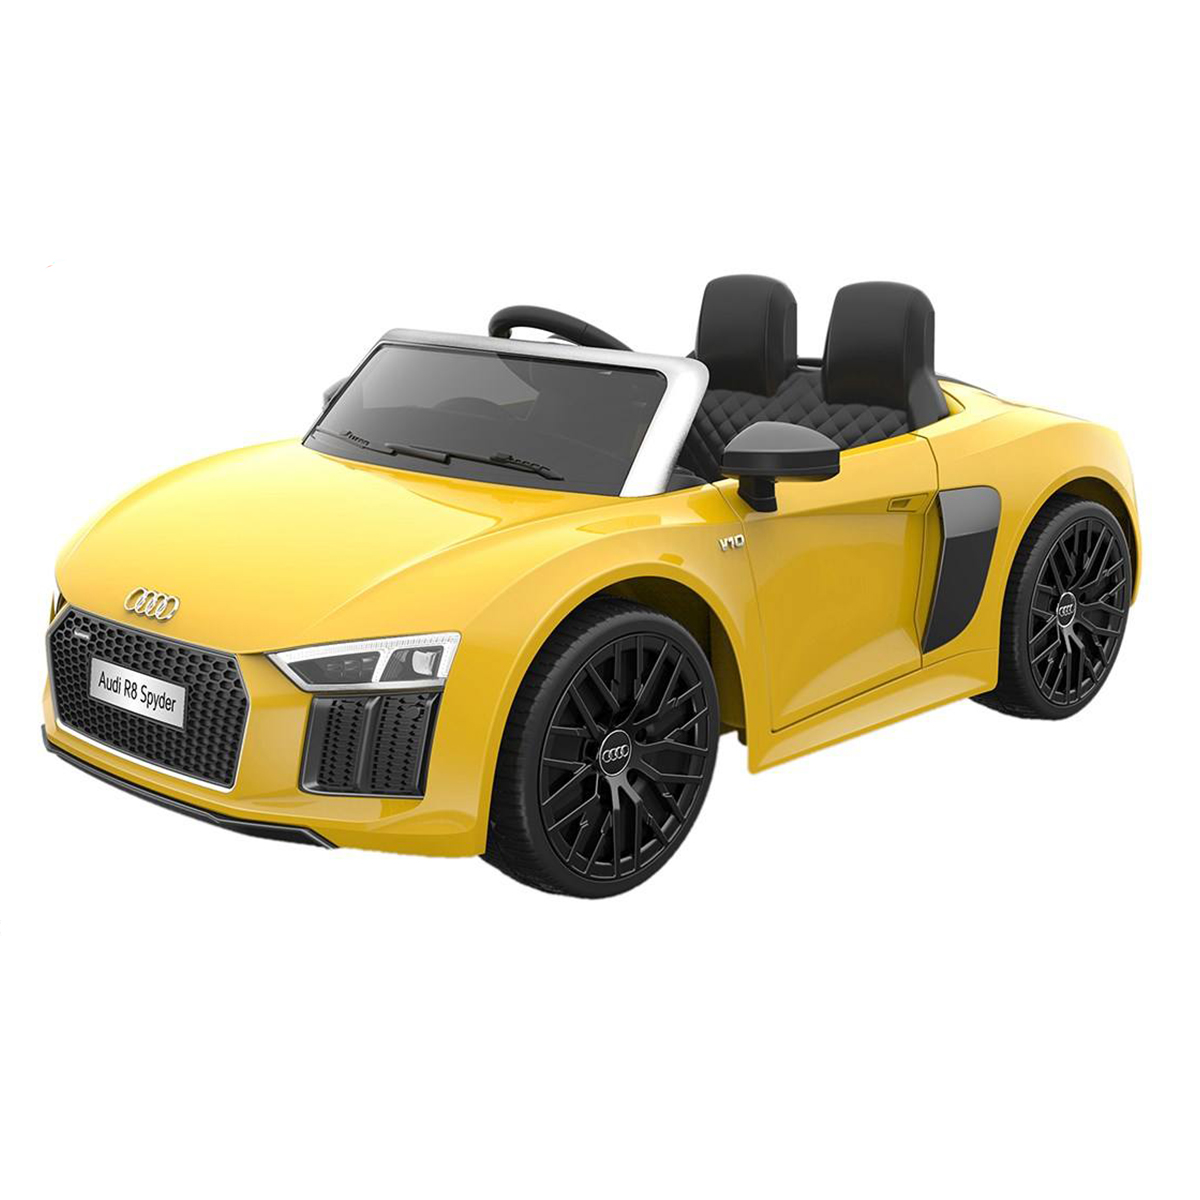 ماشین شارژی طرح Audi مدل  R8